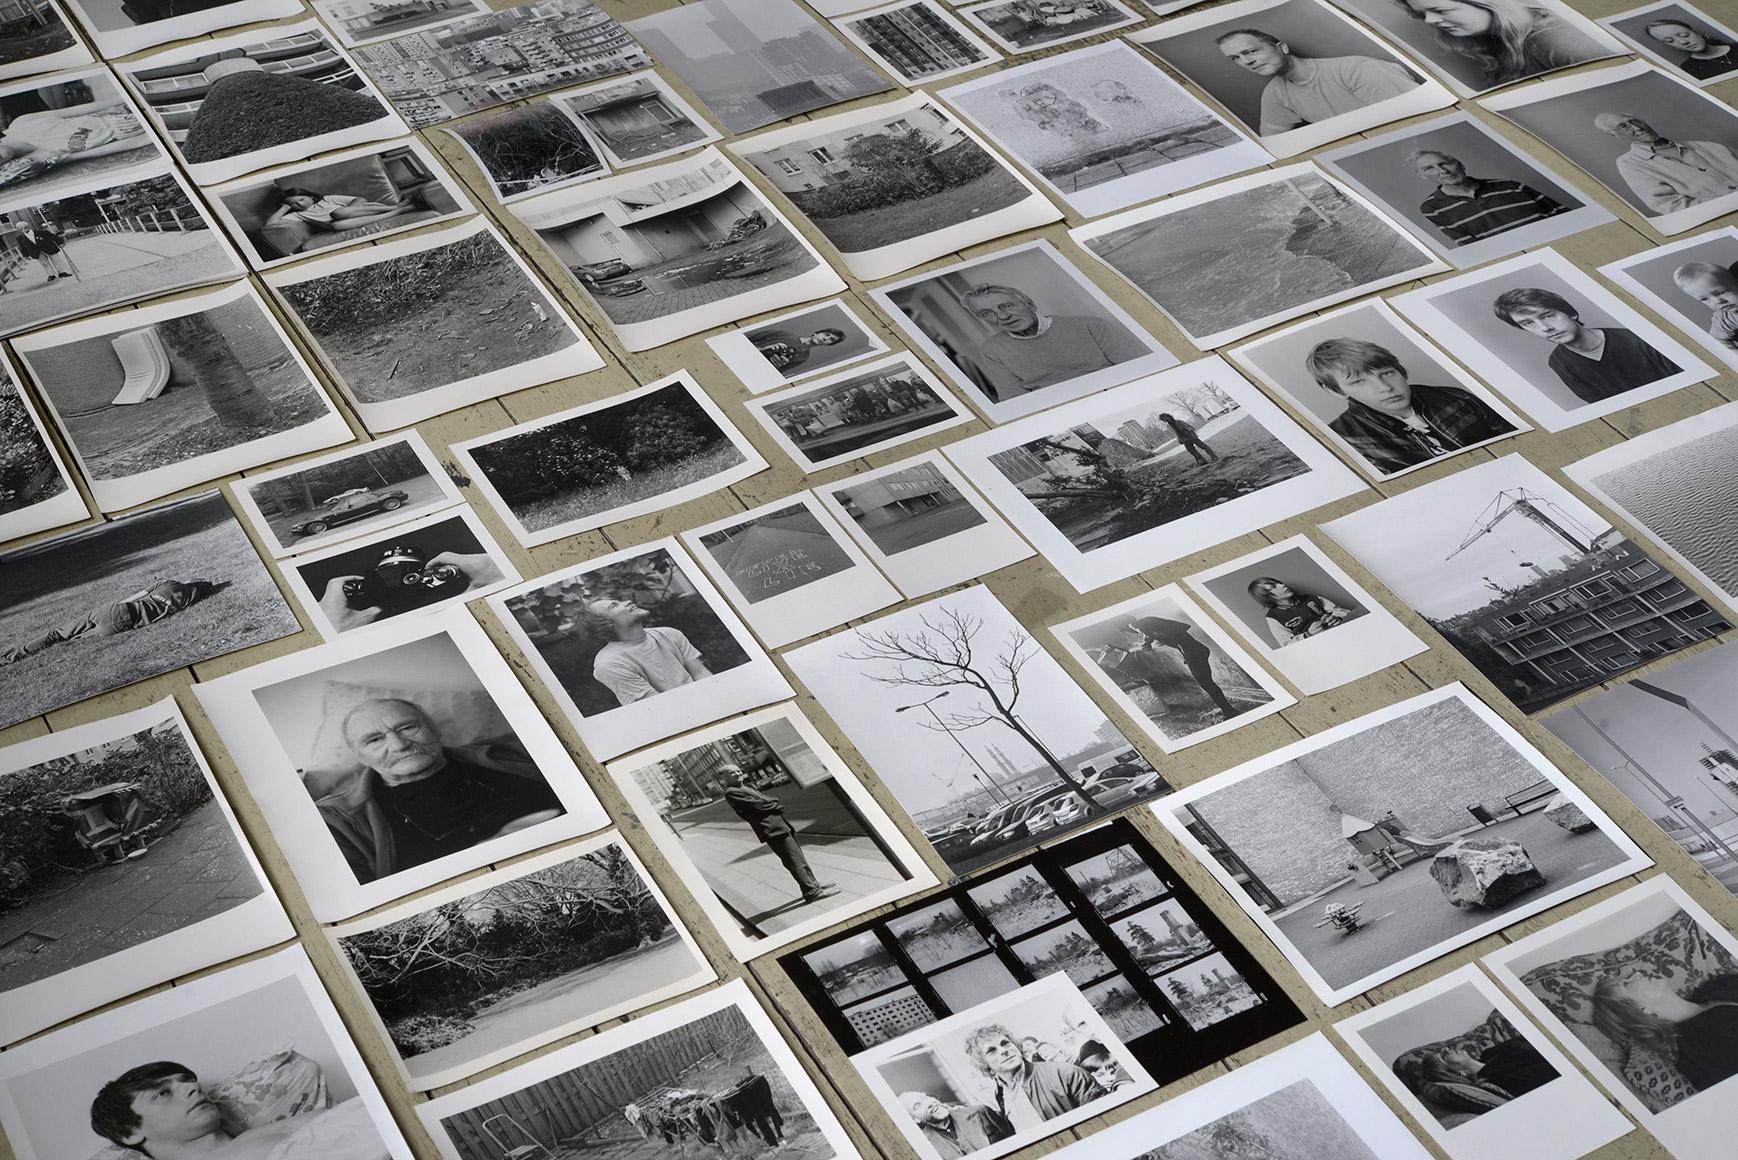 Marijn de Jong, overzicht van foto's gemaakt met camera's van Peter Martens, 2015